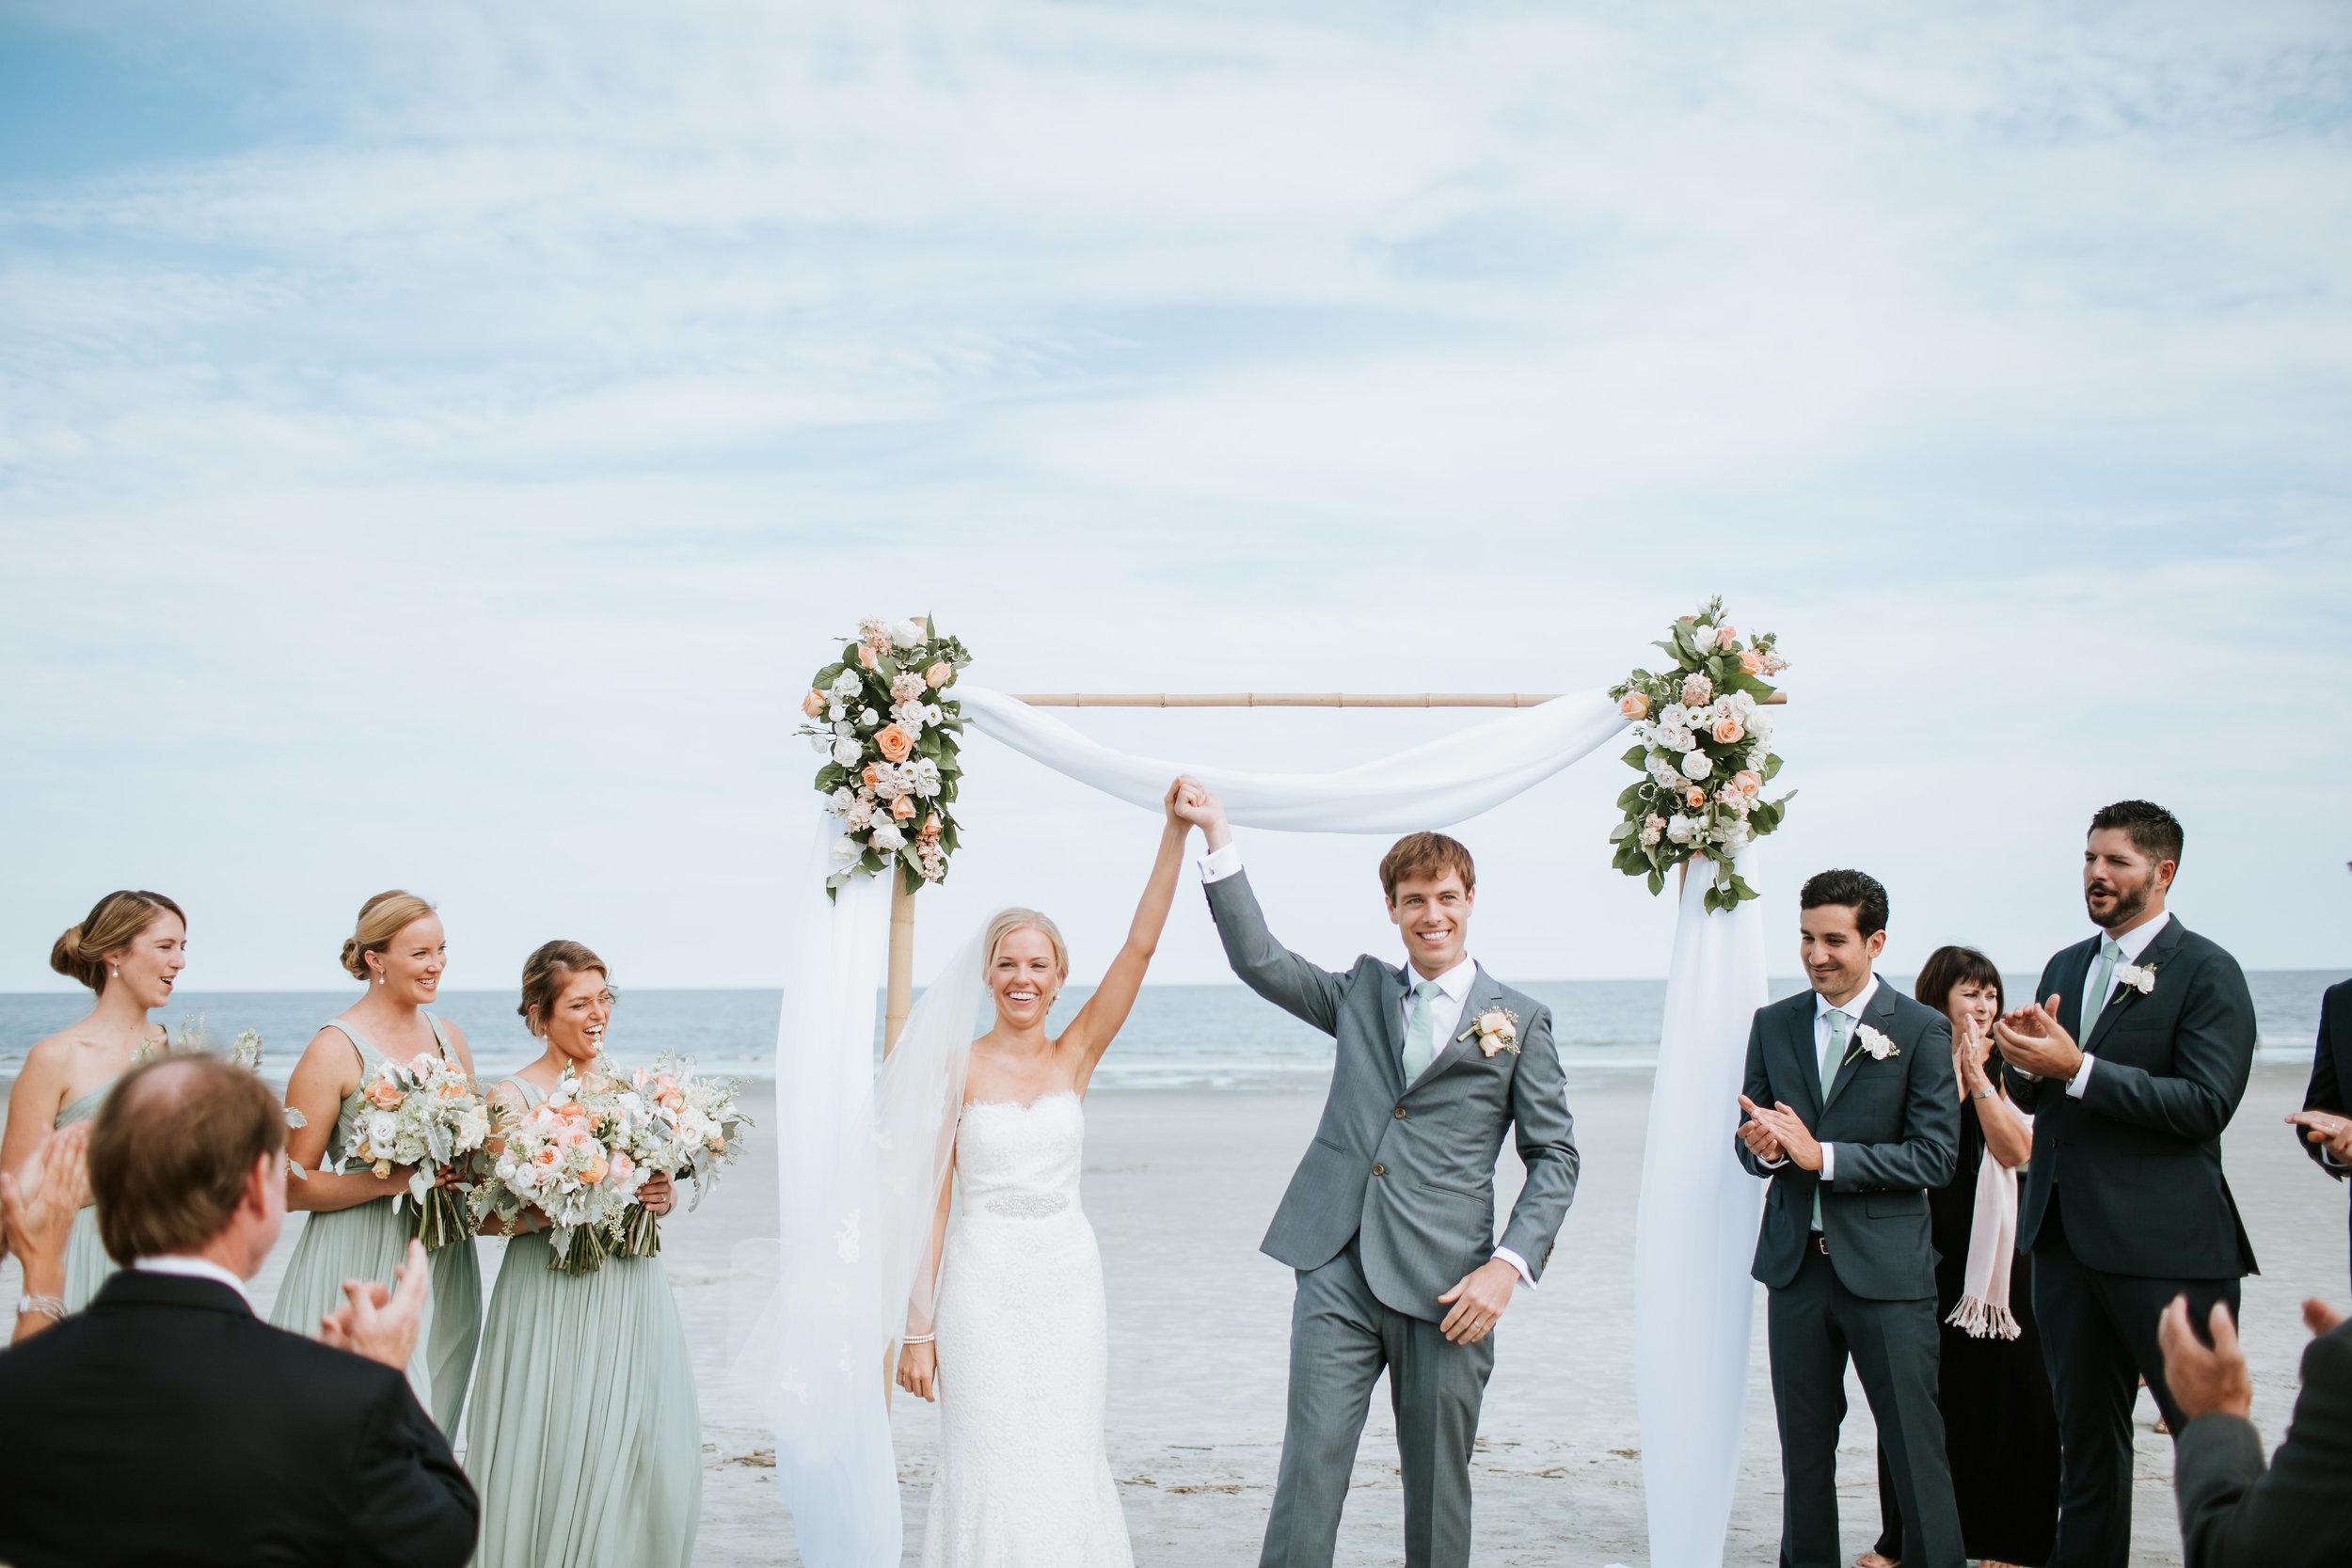 omni-hilton-head-wedding-41.jpg